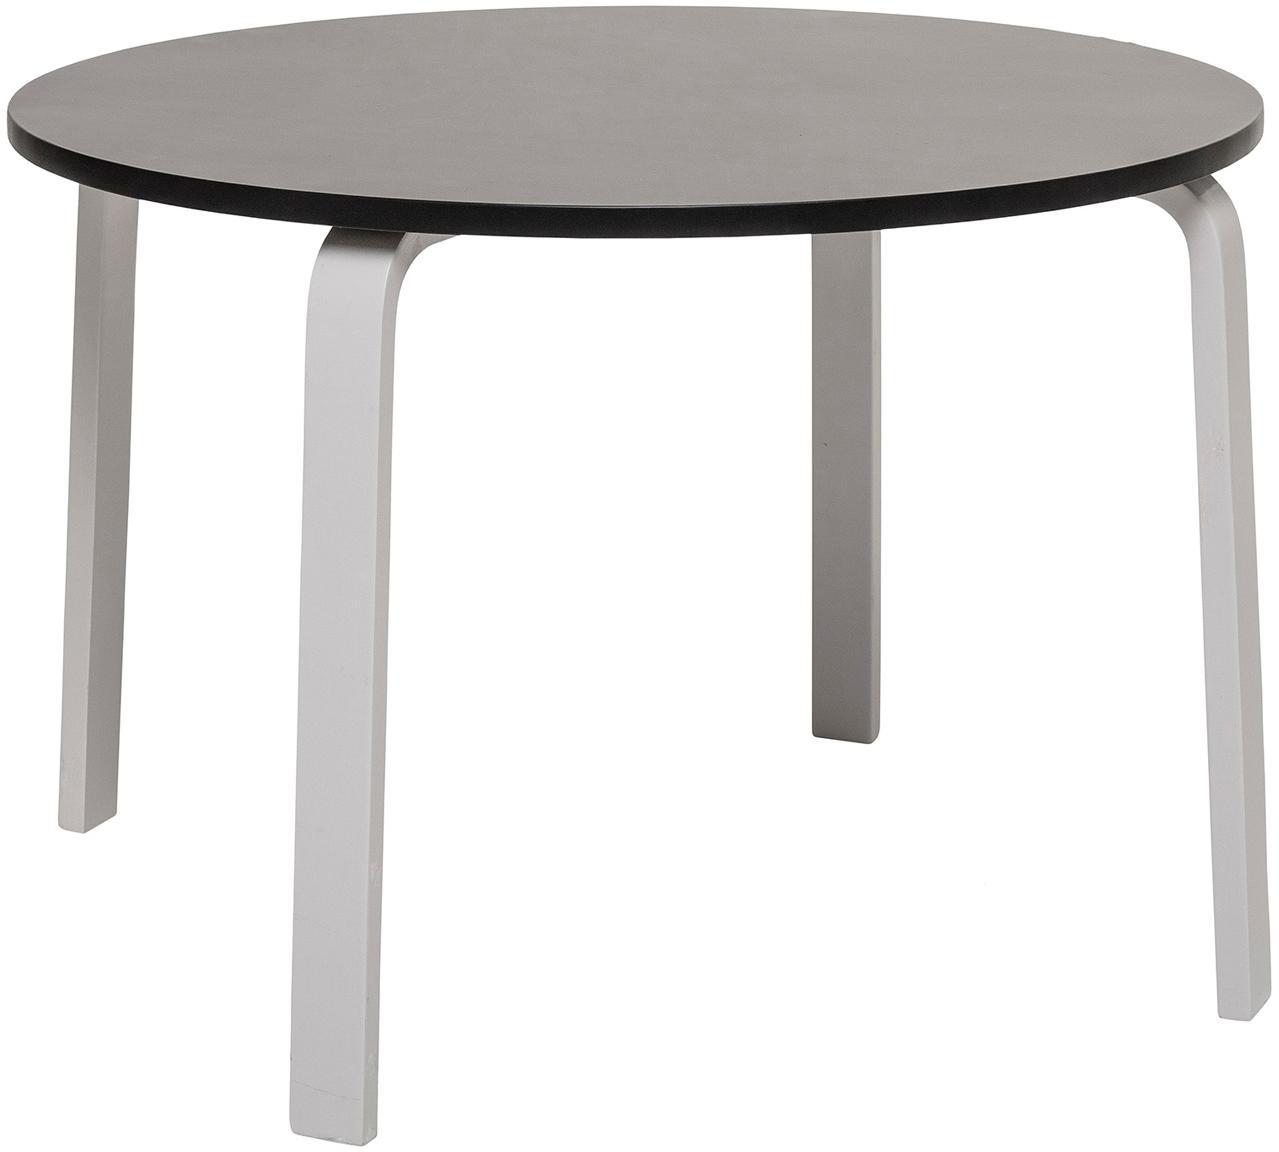 Tavolino per bambini rotondo Simply, Pannello di fibra a media densità (MDF) verniciato, Nero, bianco, Ø 65 x Alt. 45 cm